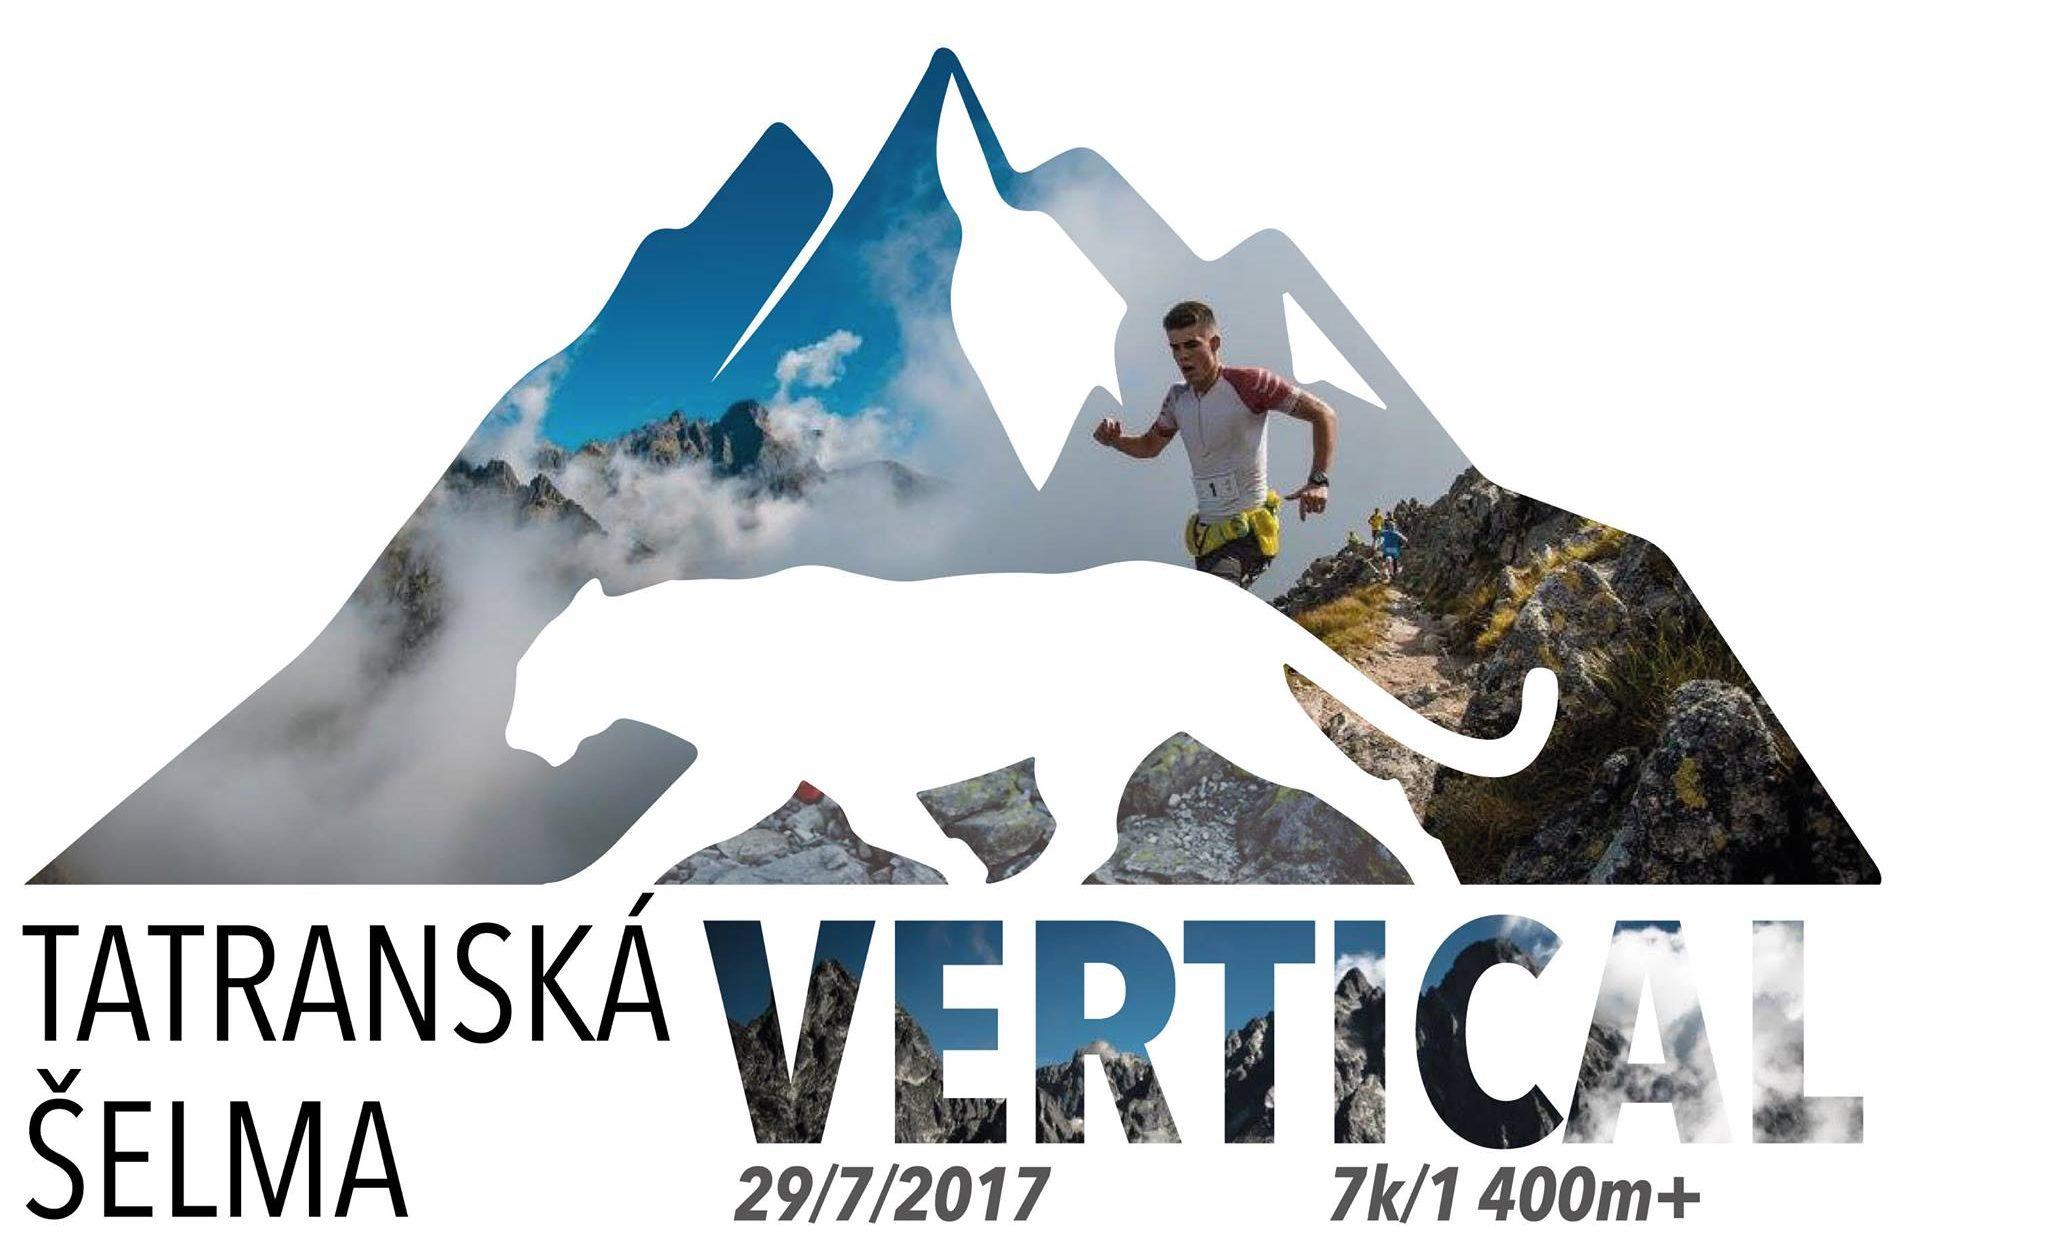 Expresky z hôr 72 - Tatranská Šelma Vertical 2017, zdroj: FB page @tatranskaselma